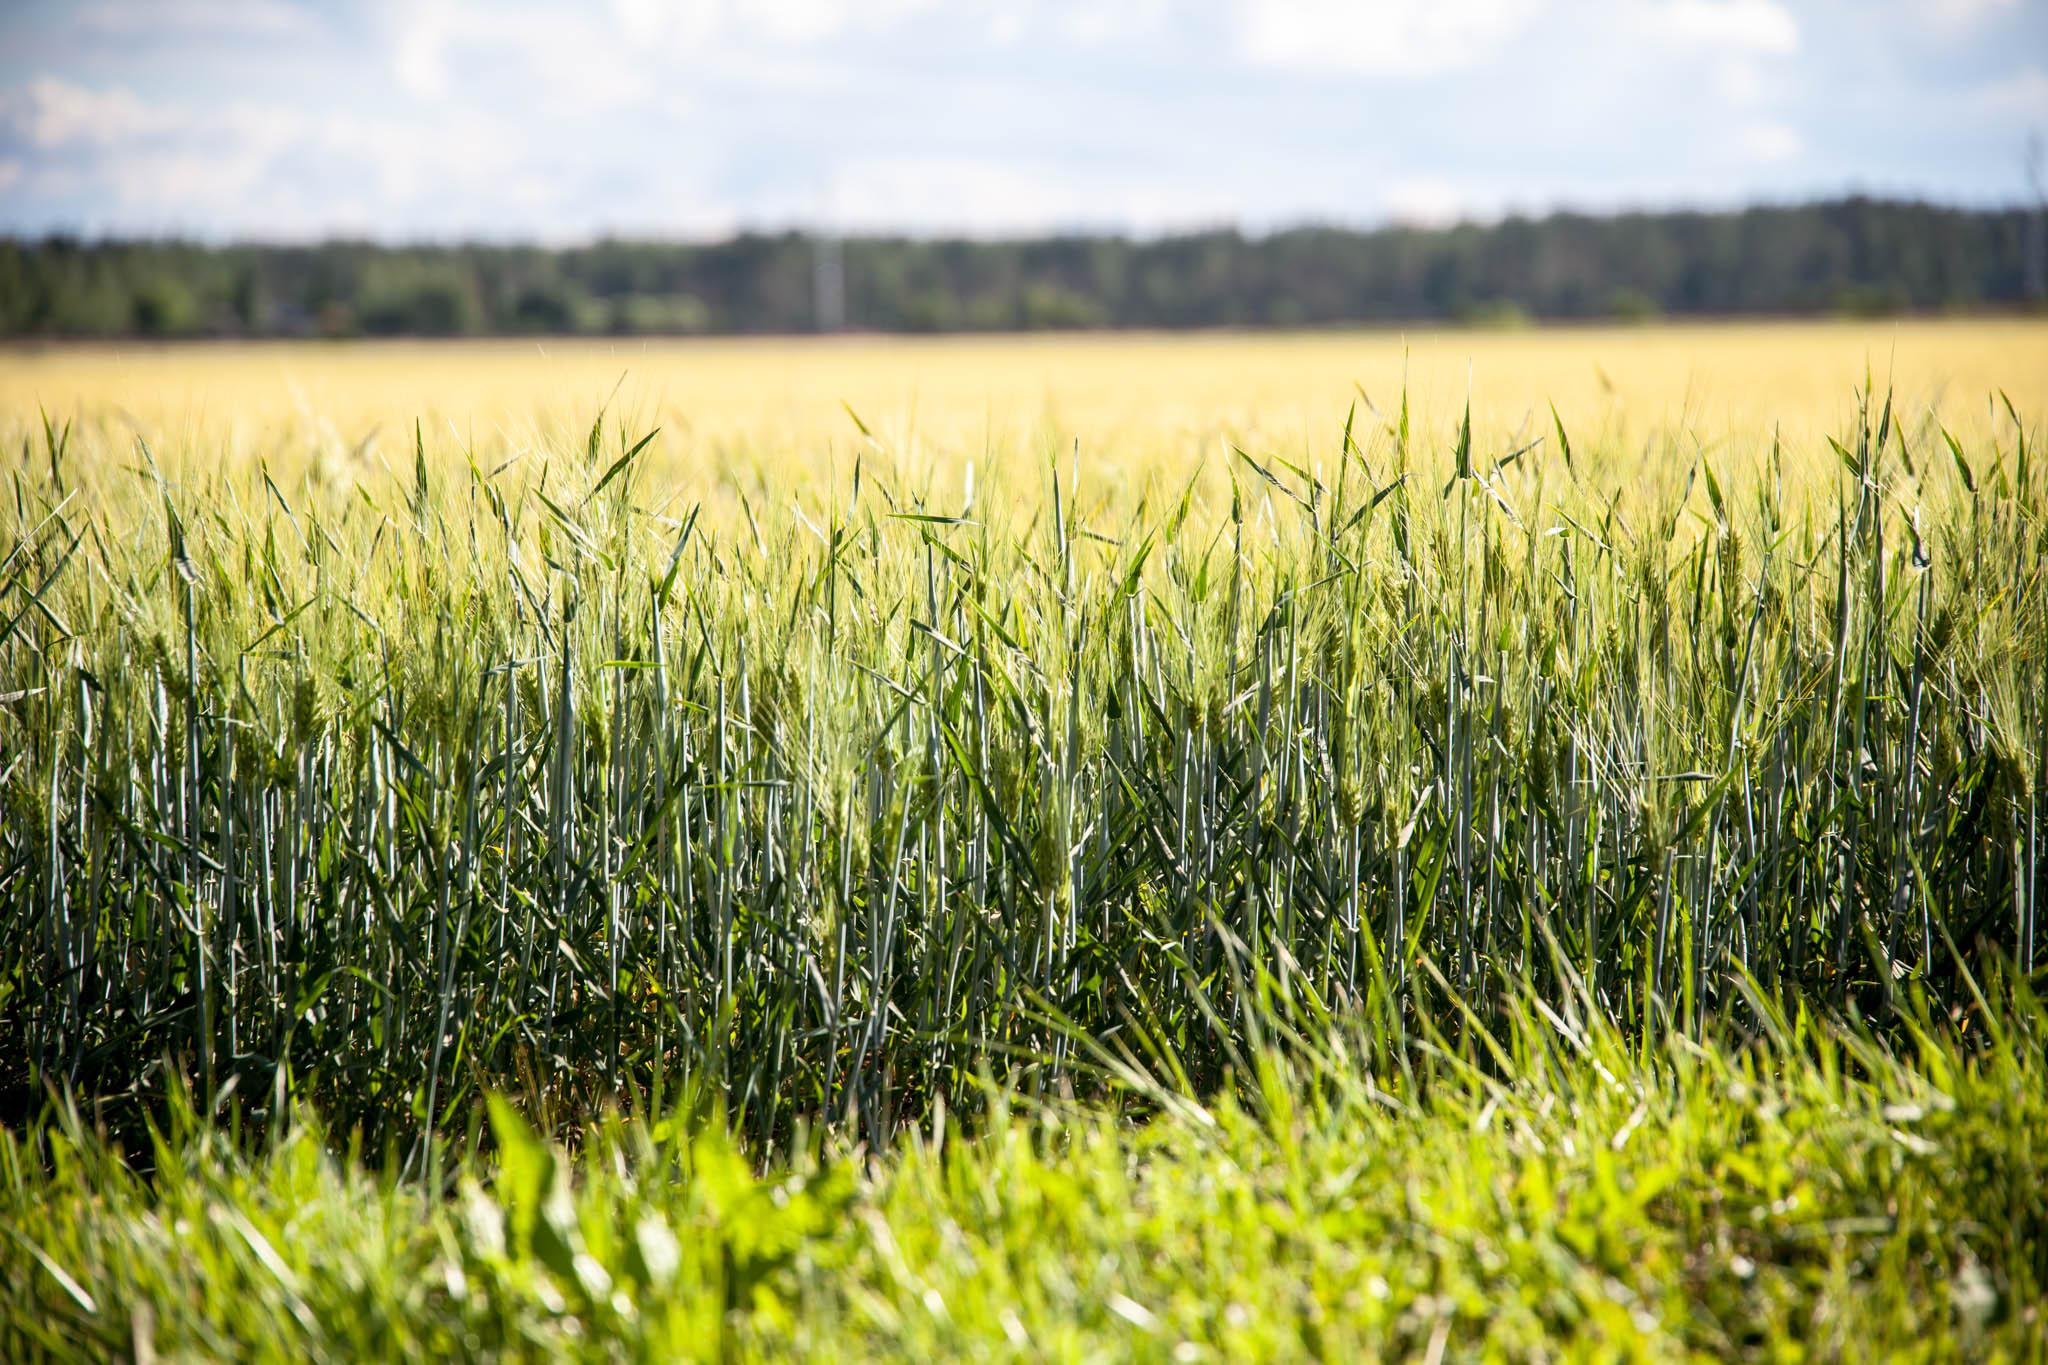 viljaa kasvaa pellolla